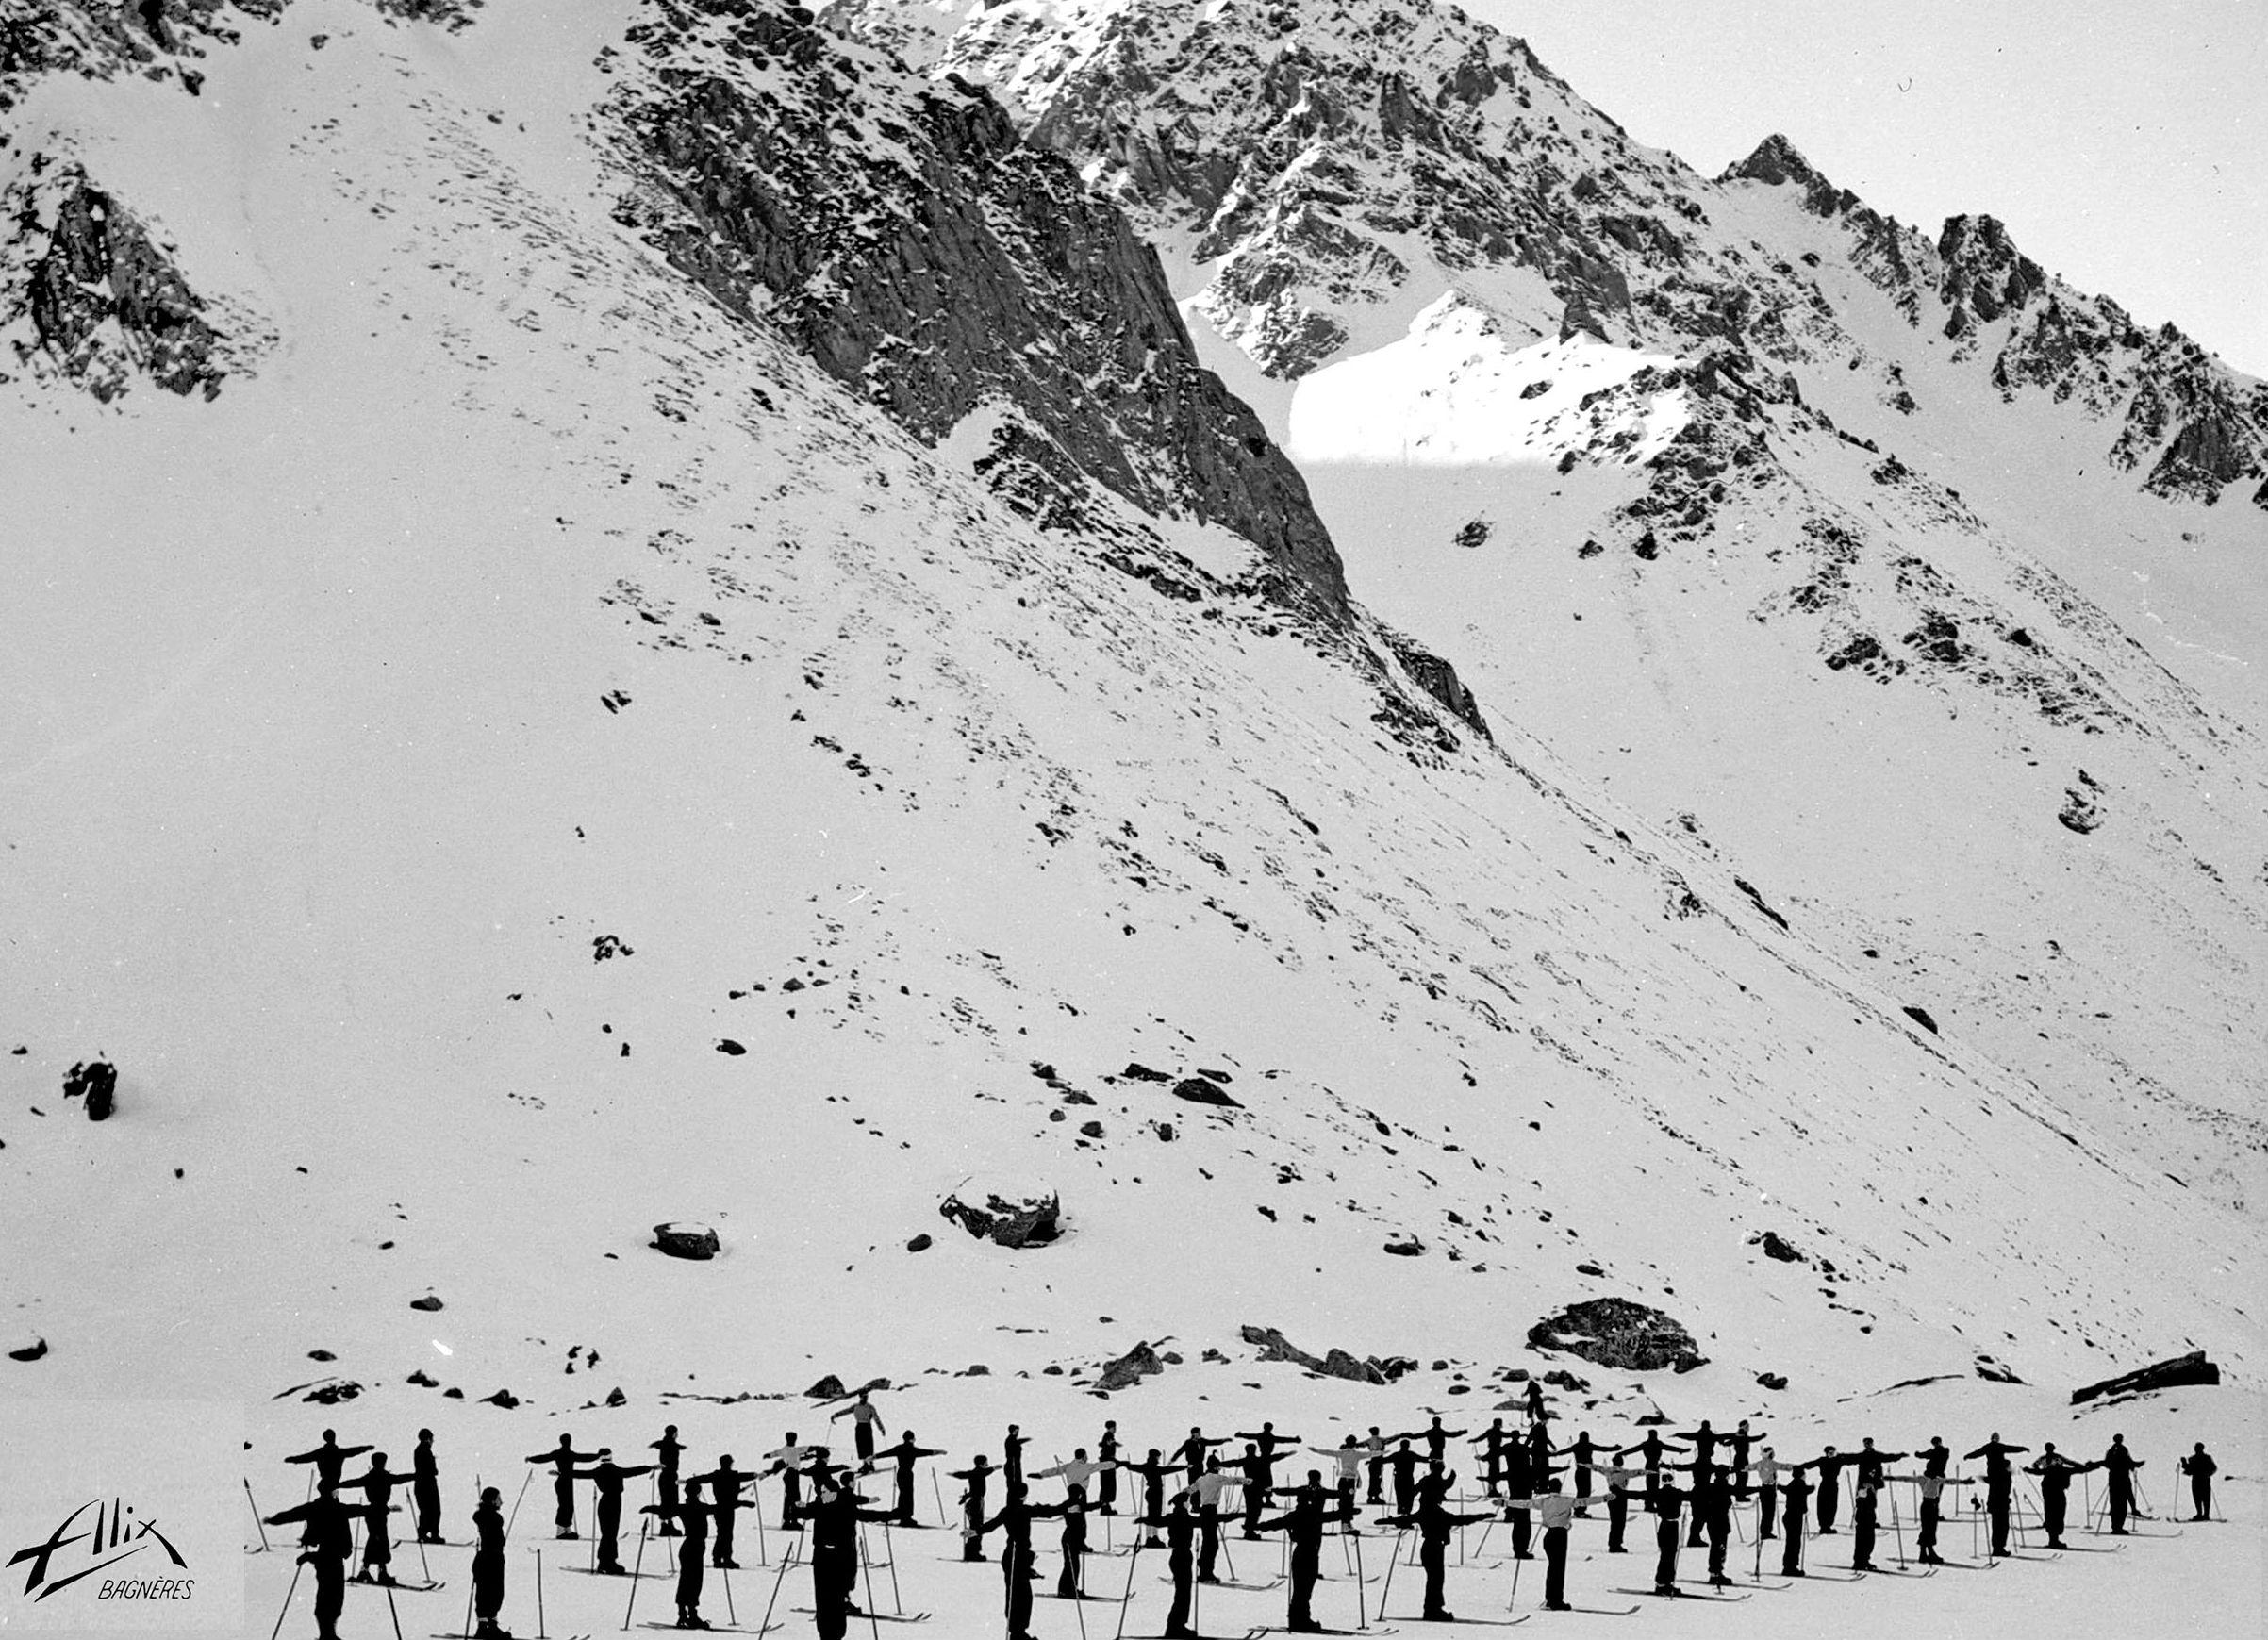 Clases de esqui en el Plateau de la Cantine. Foto Alix. Clic para ampliar